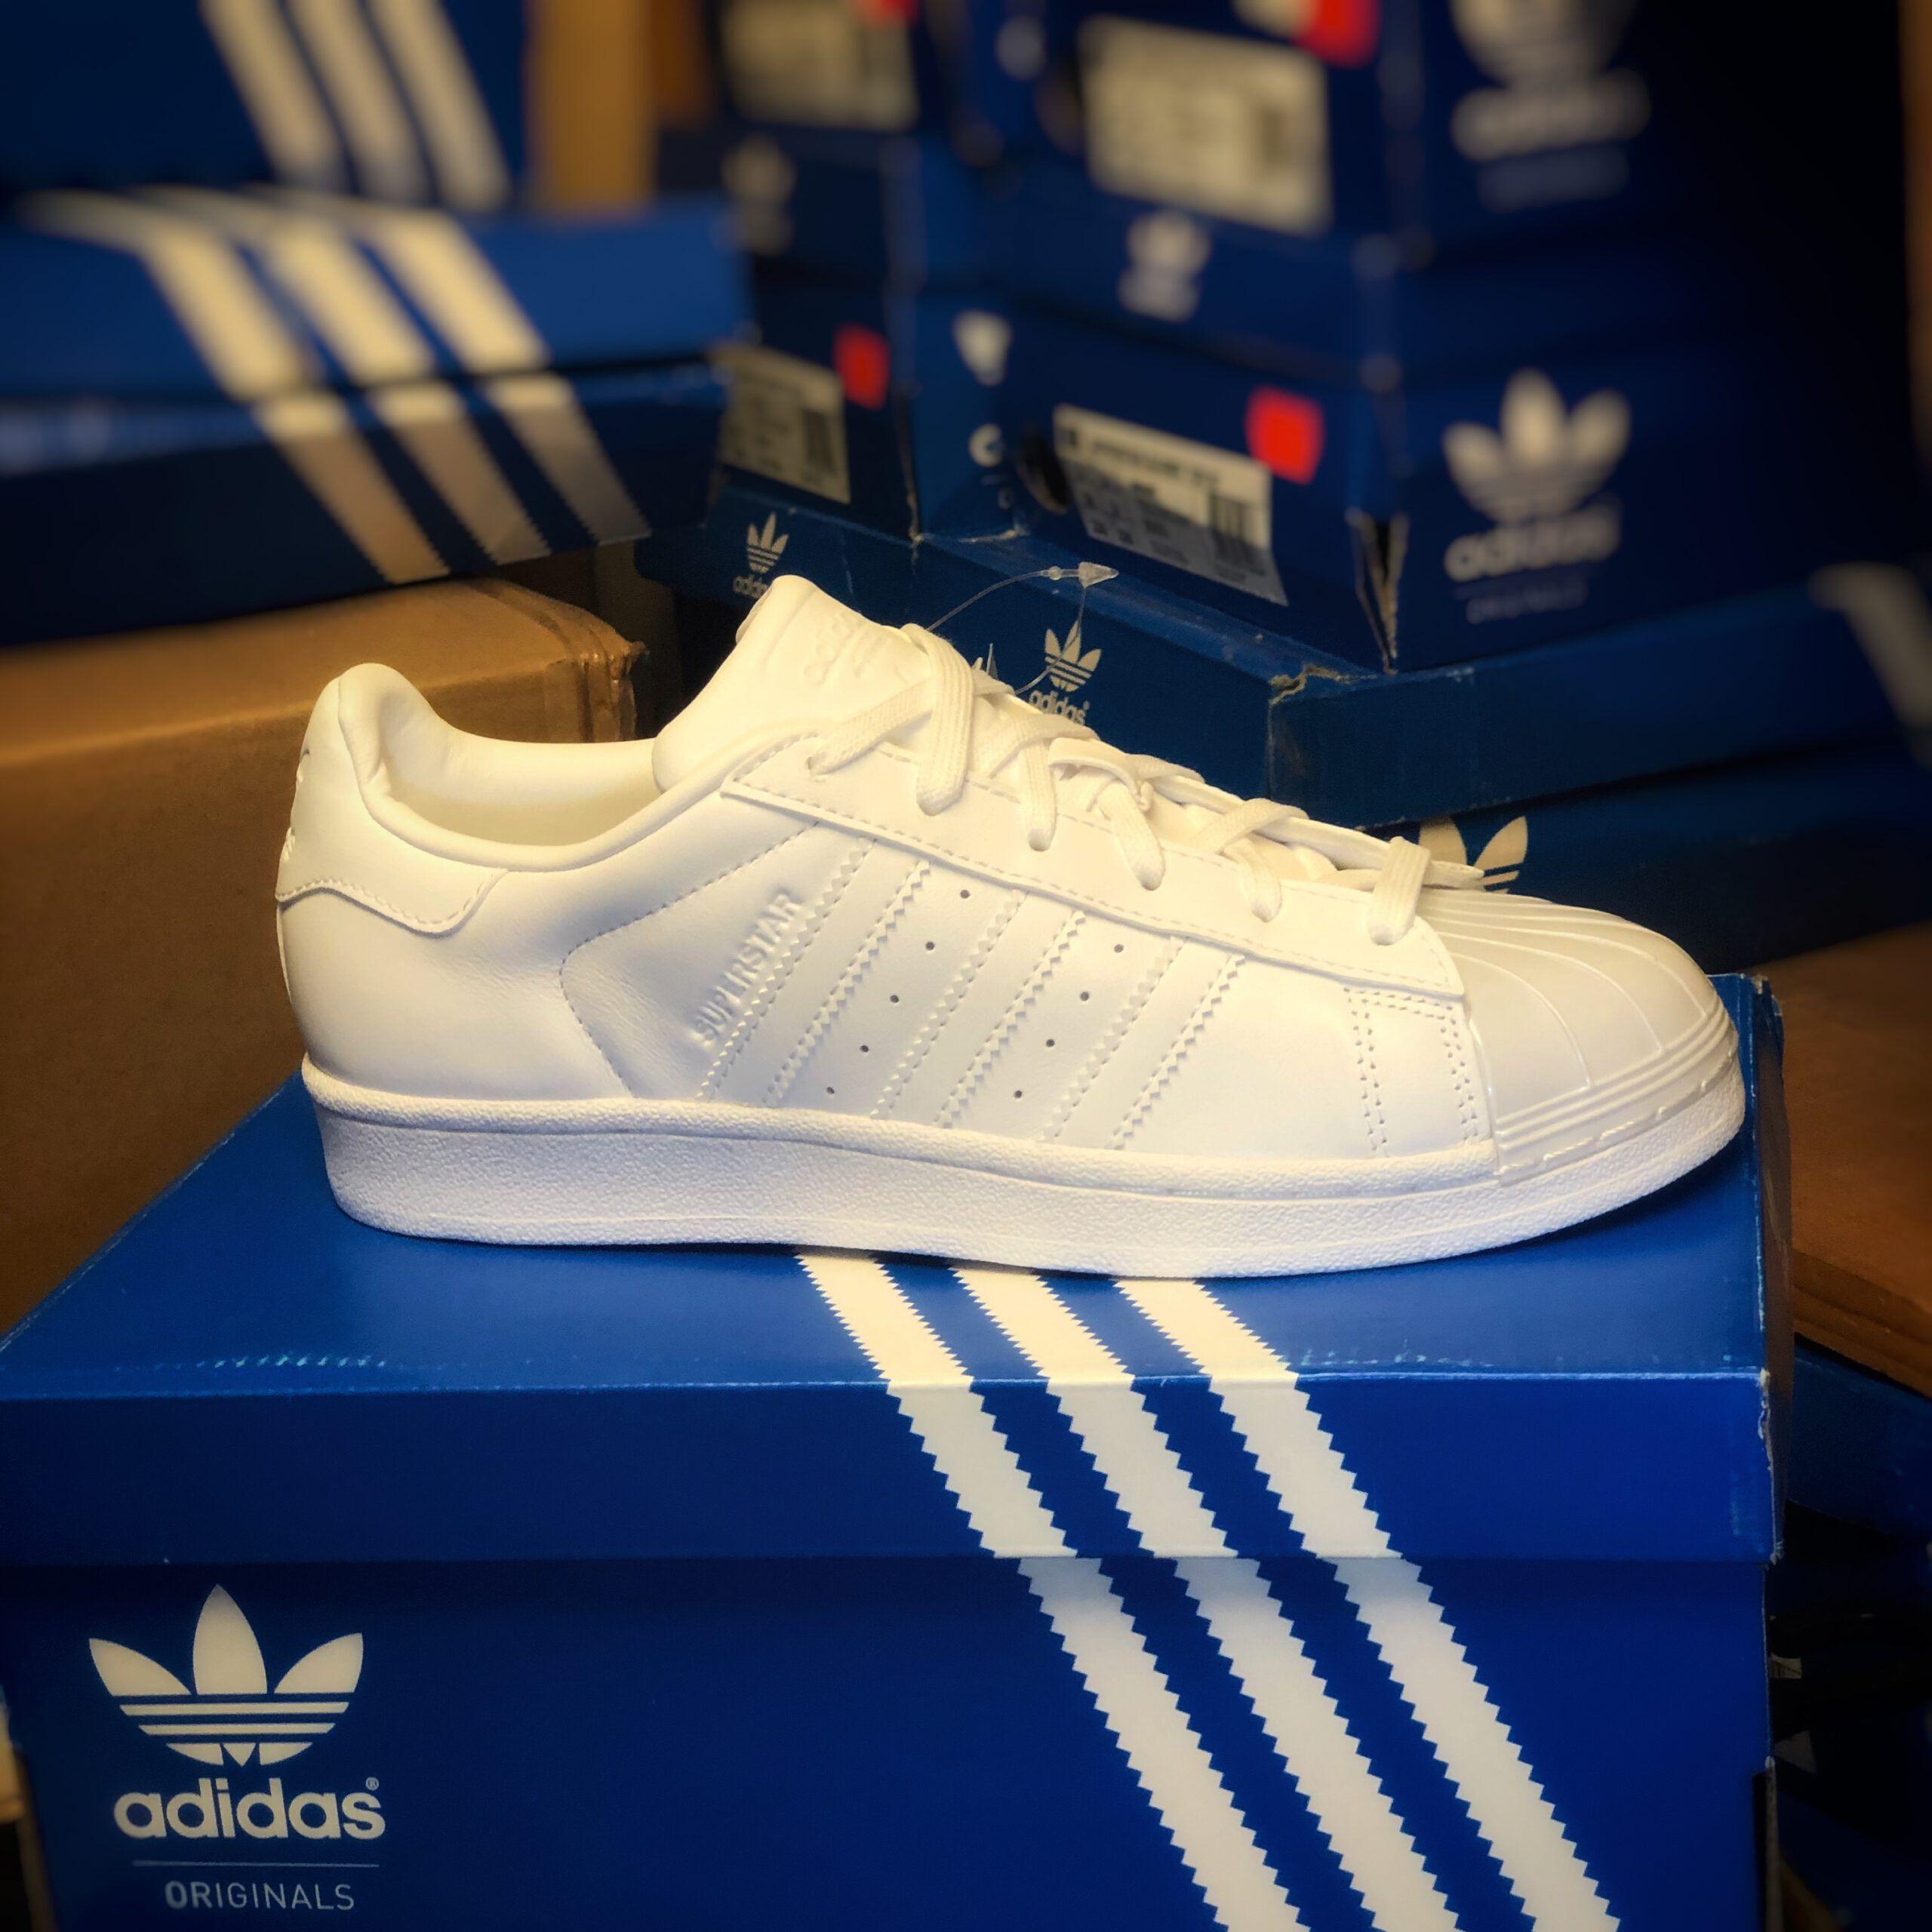 ADIDAS Merker Adidas - Superstar Glossy Toe 40